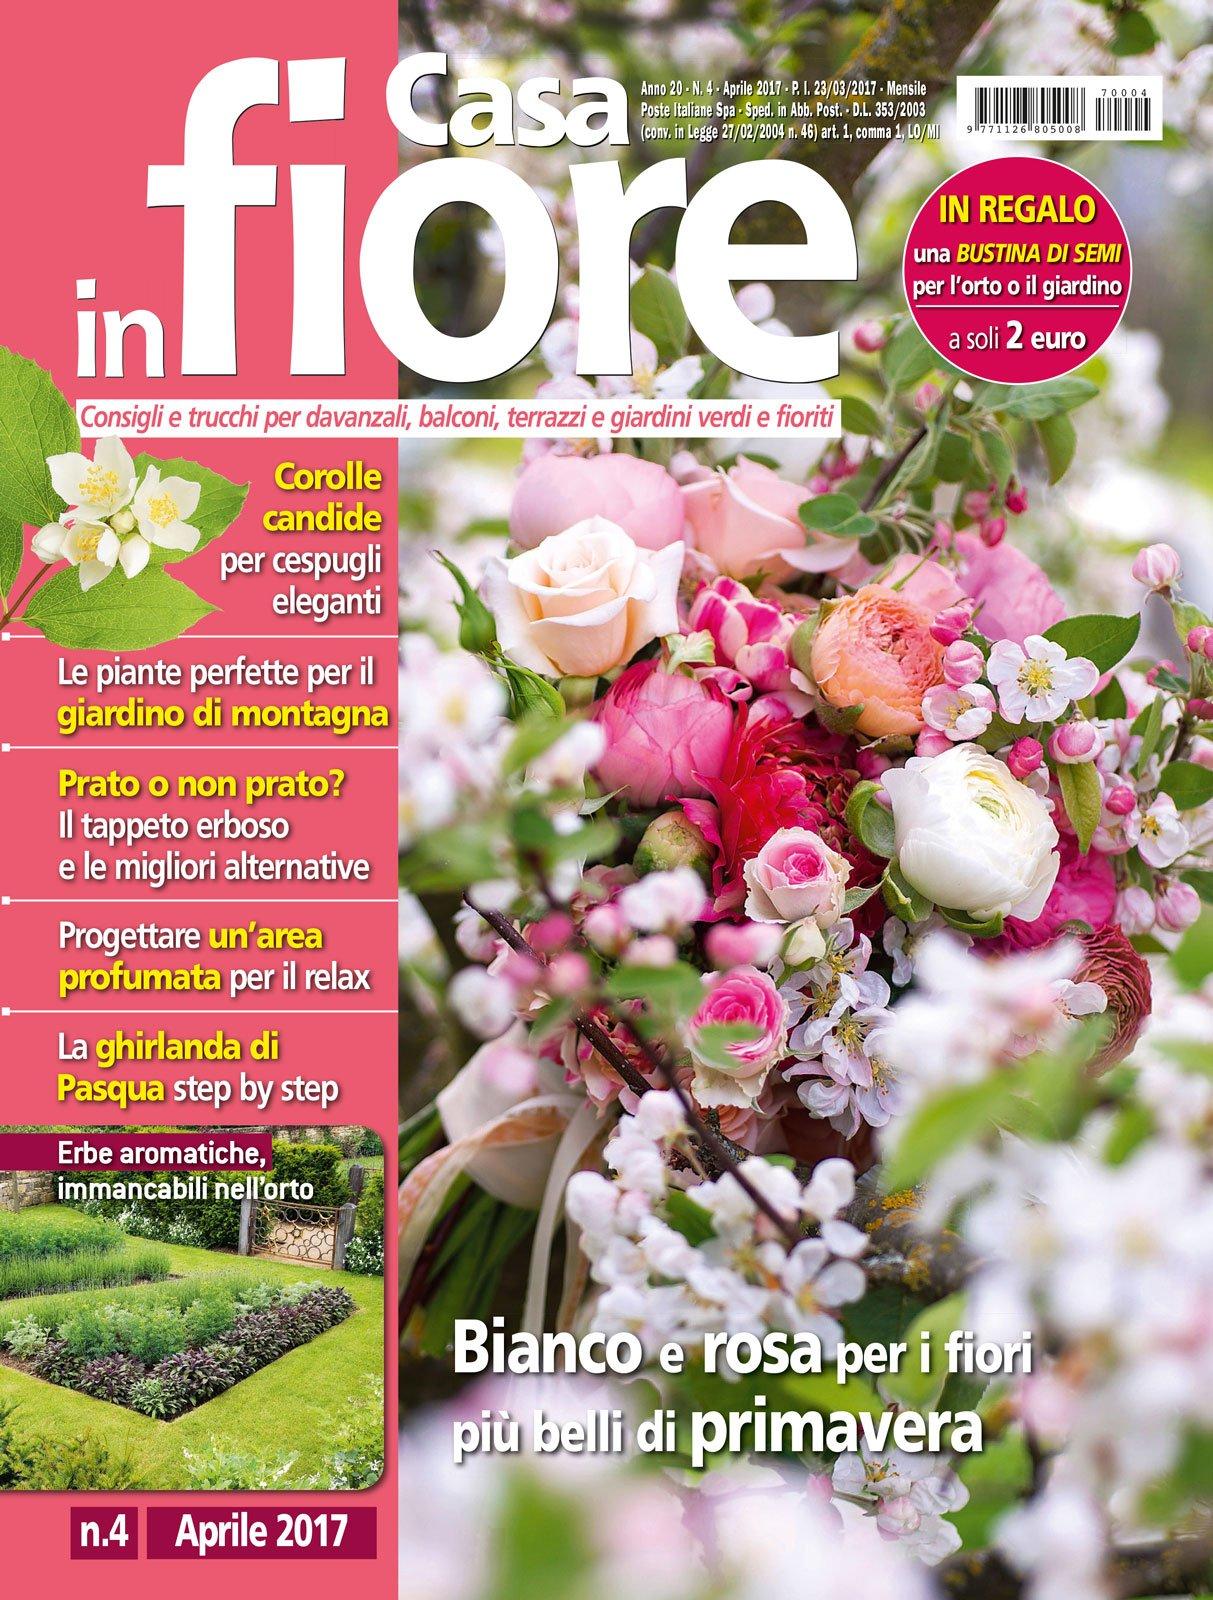 Fiori Da Giardino In Montagna in edicola dal 23 marzo casa in fiore di aprile - cose di casa